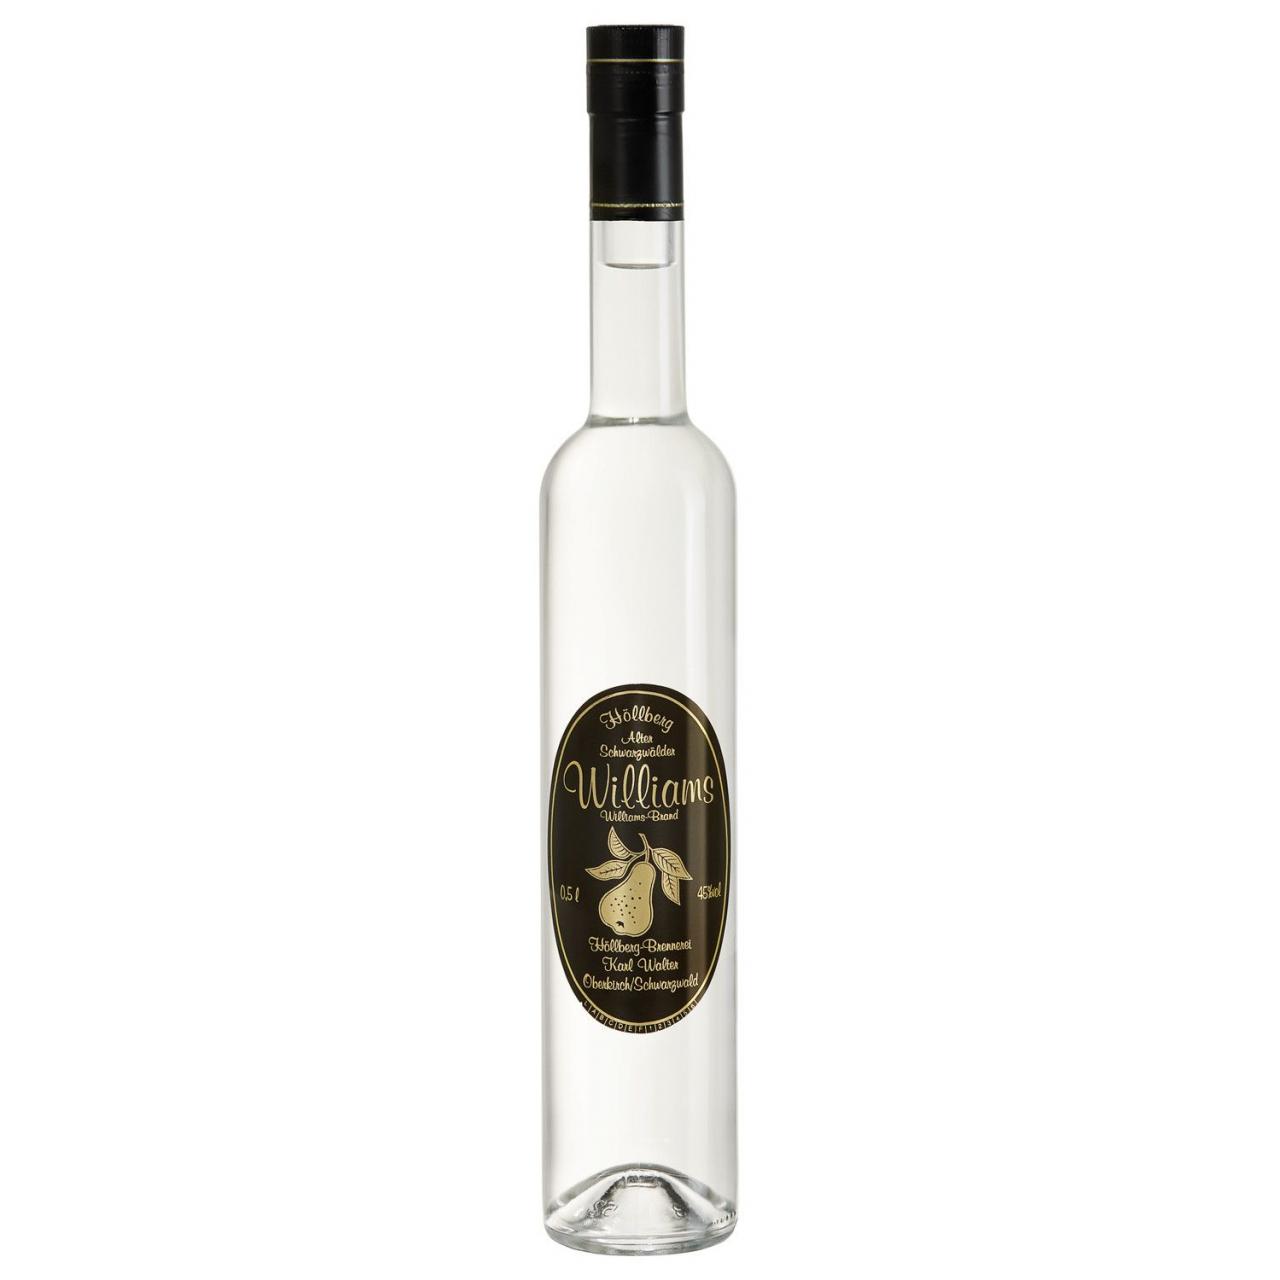 0,5 Liter Flasche Höllberg Williams-Birne mit einem Alkoholgehalt von 45% vol.